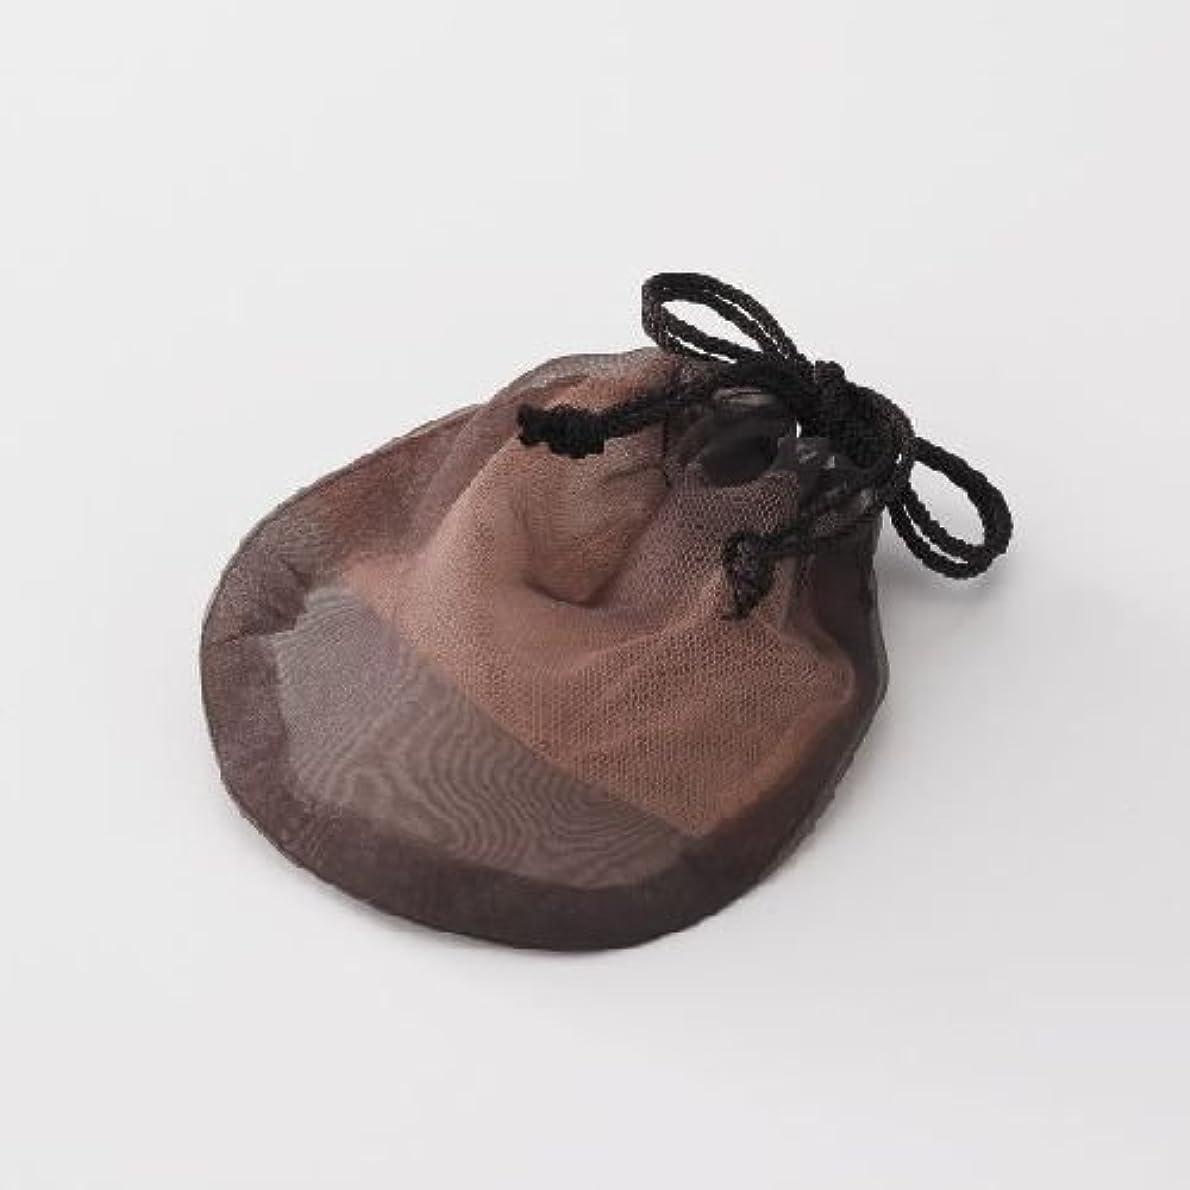 一般ドキドキディスクピギーバックス ソープネット 瞬時にマシュマロのようなお肌に負担をかけないキメ細かな泡をつくることができるオシャレなポーチ型オリジナル【泡だてネット】!衛生的に固形石鹸の保存もできます。